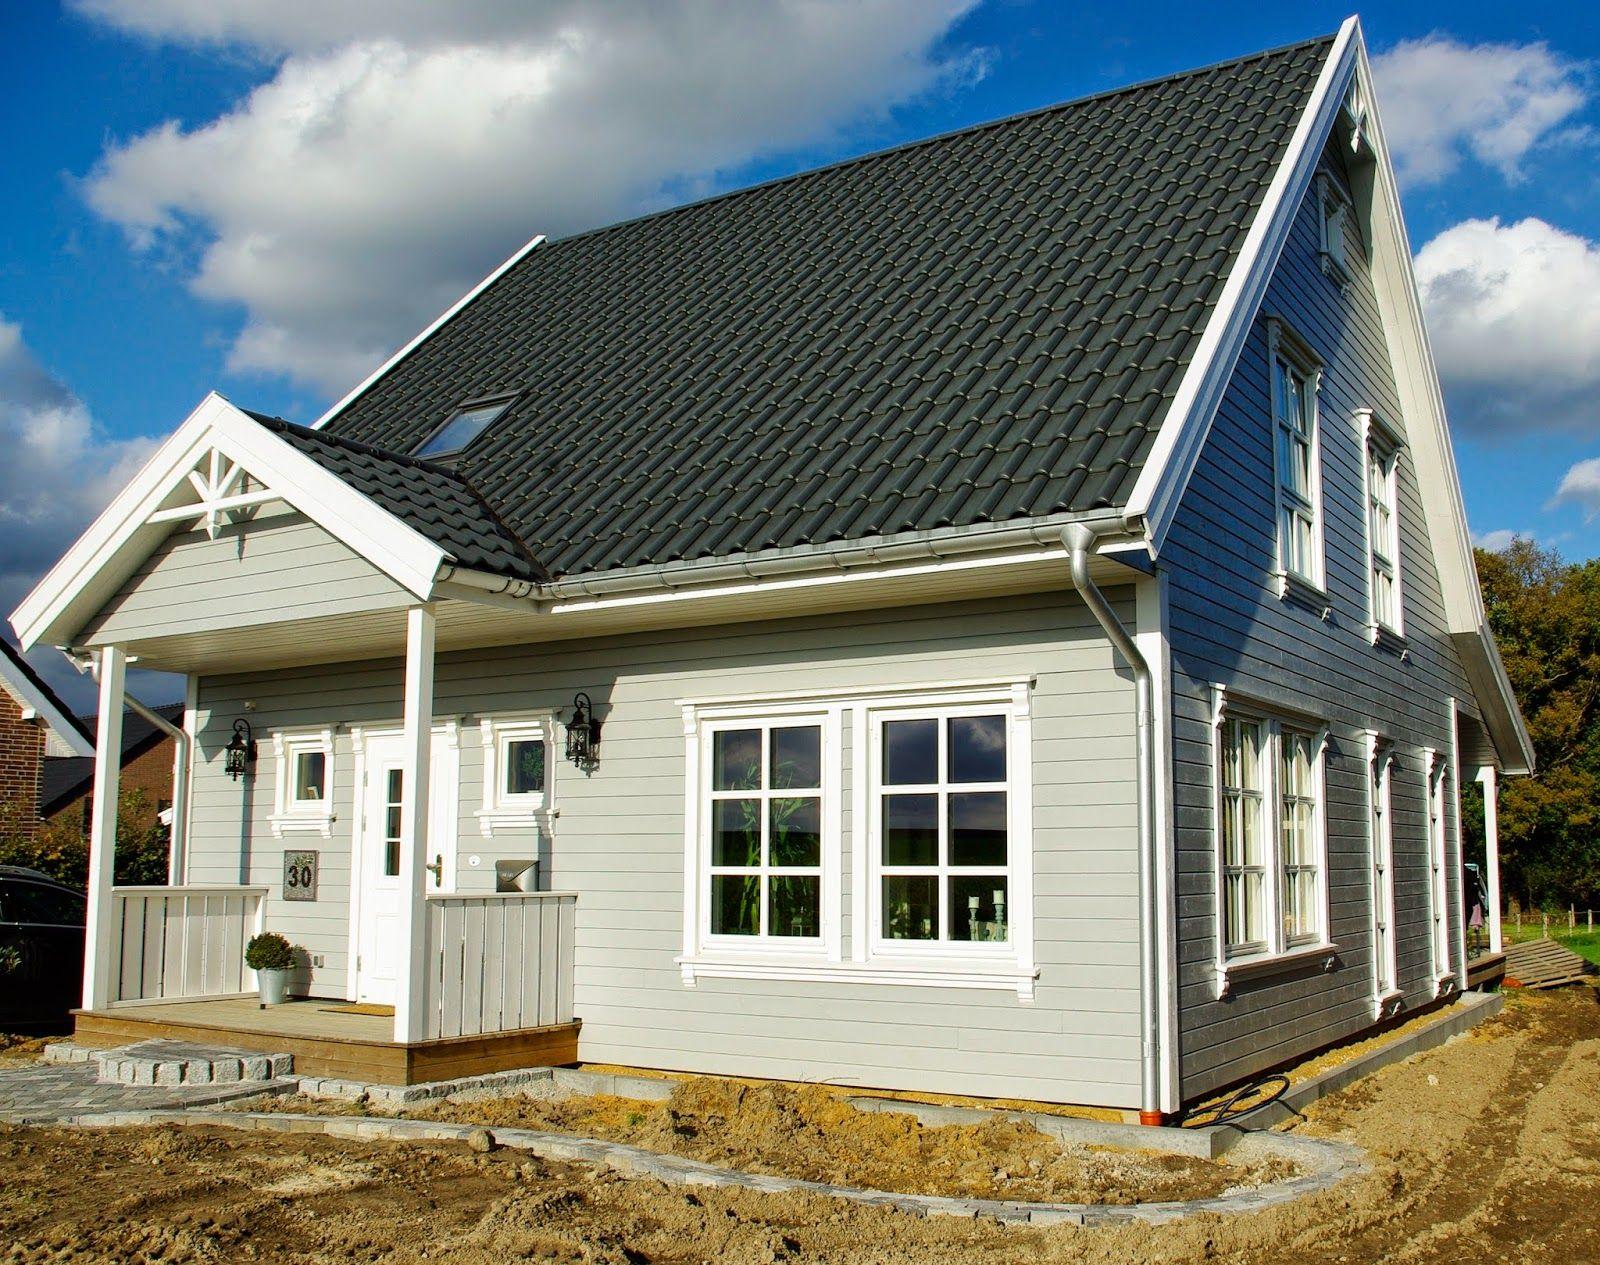 Schwedenhaus Bernd: das Haus ist fertig und bezogen. Die Außenanlagen sind in Arbeit. Baubüro Süd der Akost GmbH: www.bau-dein-schwedenhaus.de #dekoeingangsbereichaussen